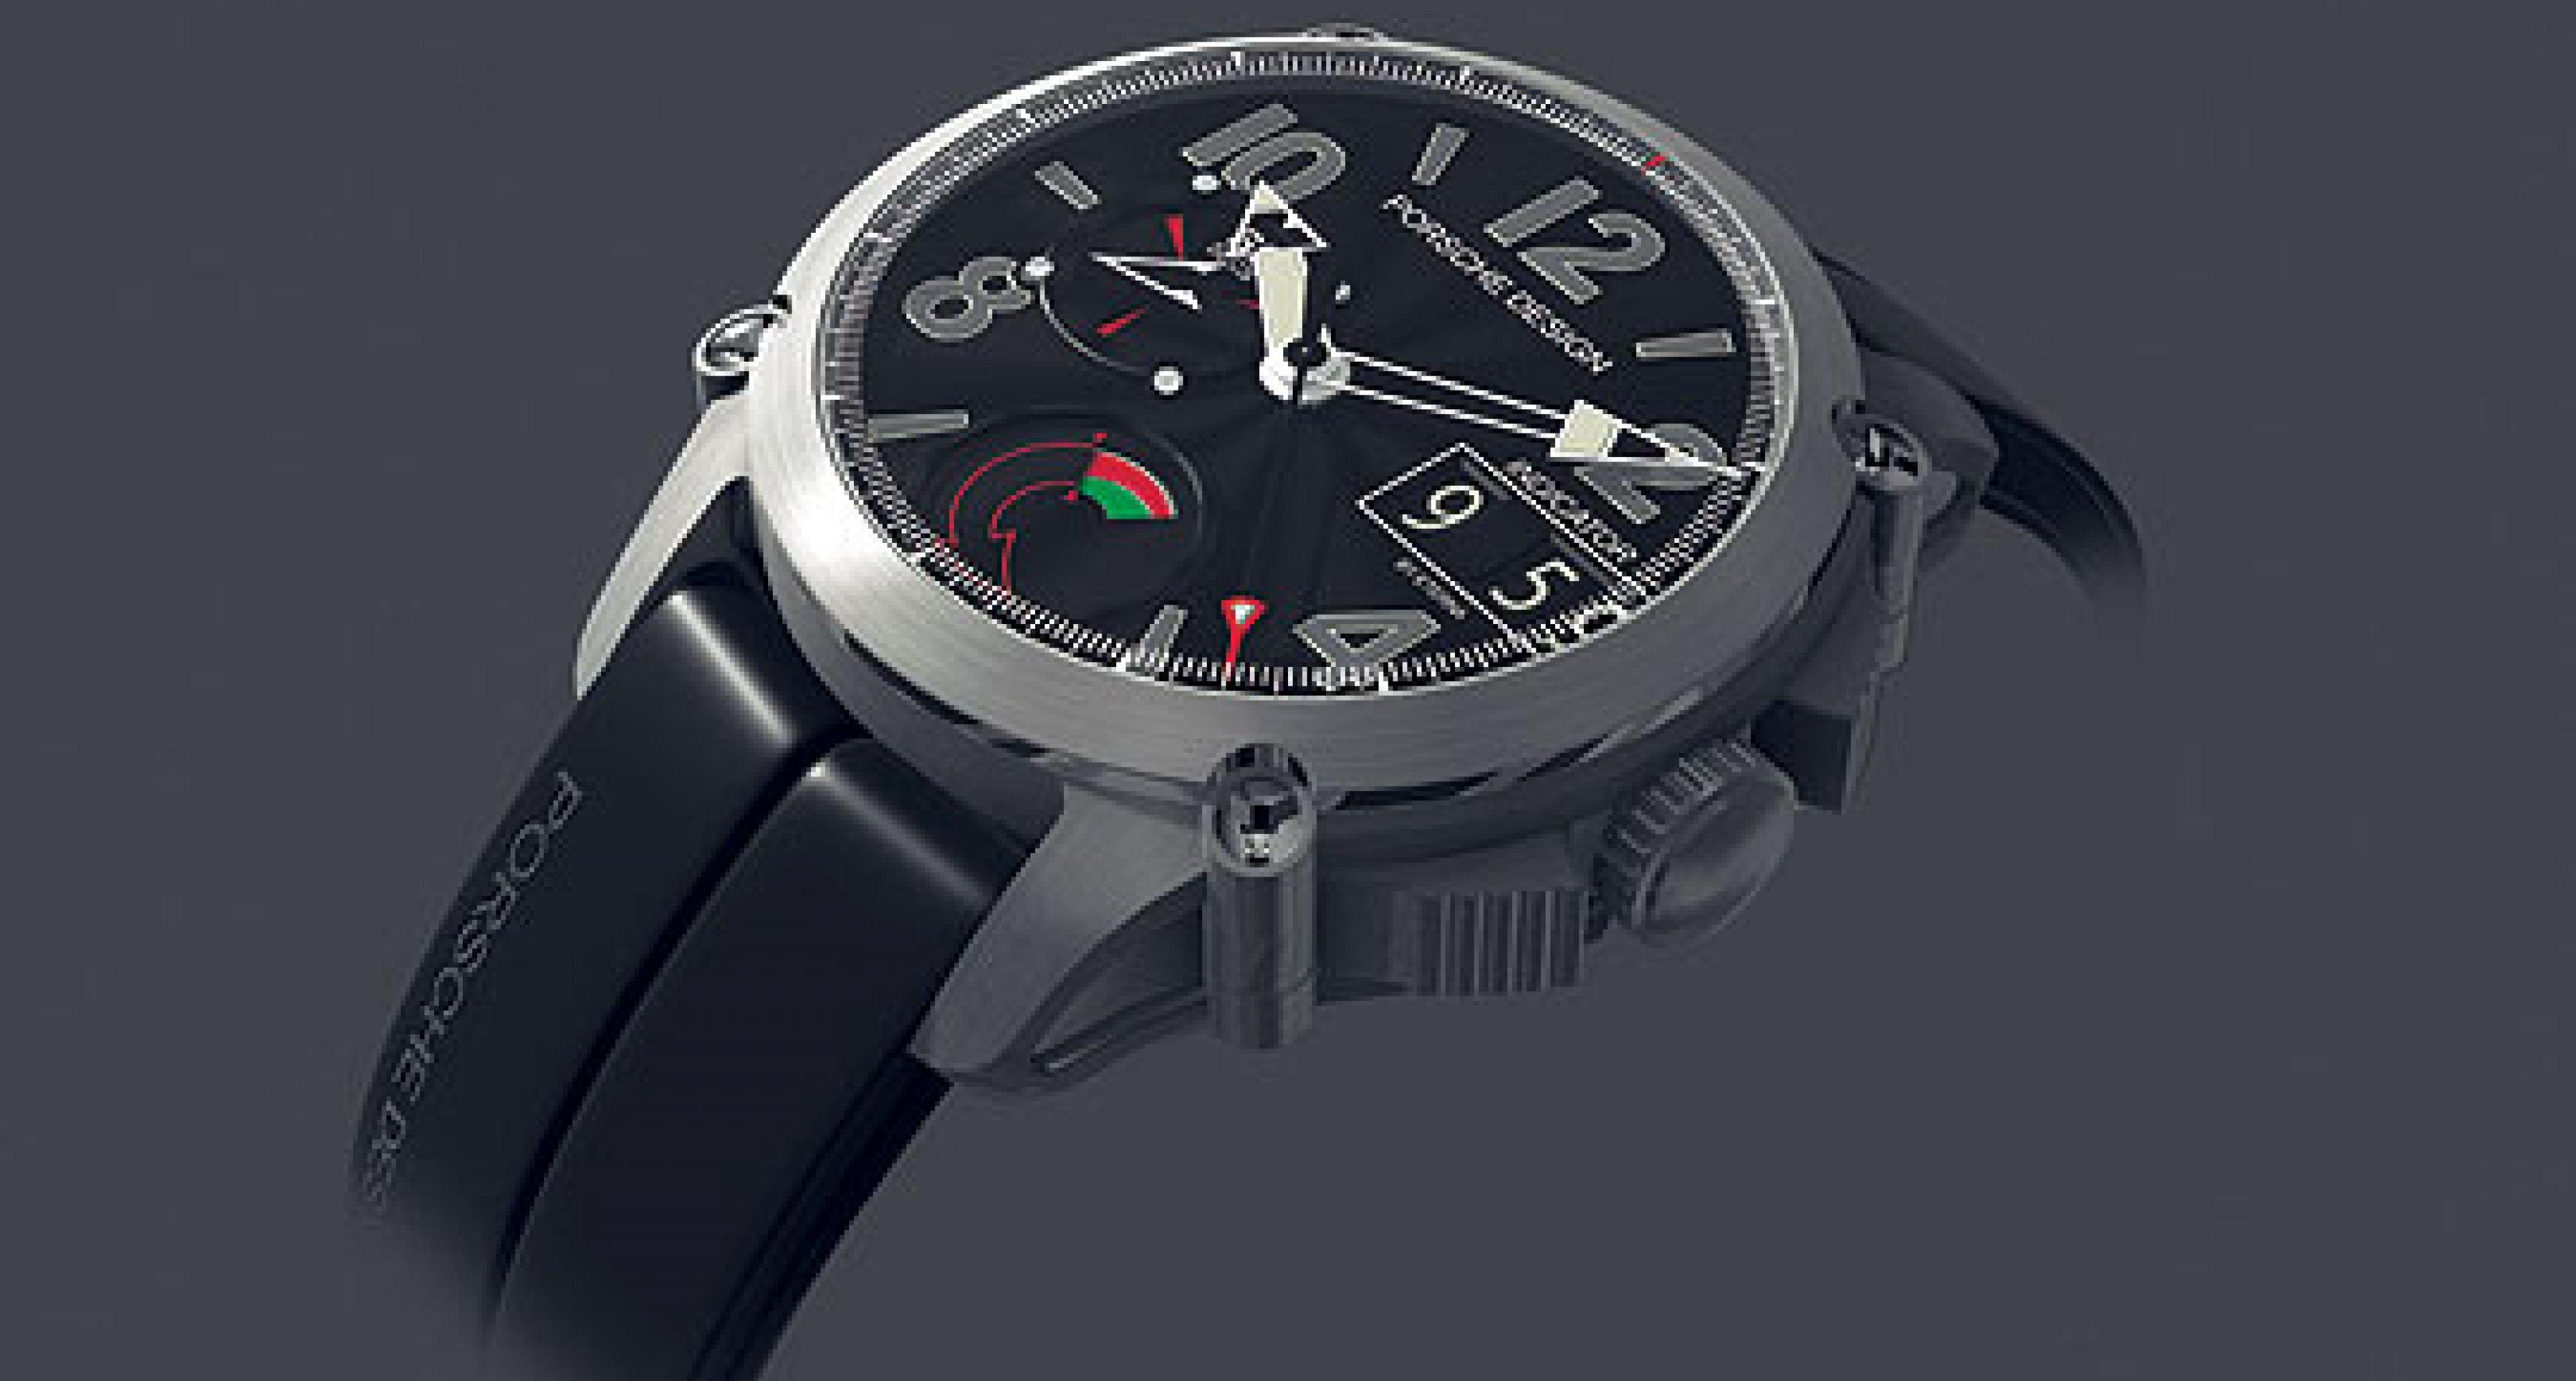 Porsche Carrera GT: Limitierter Chronograph